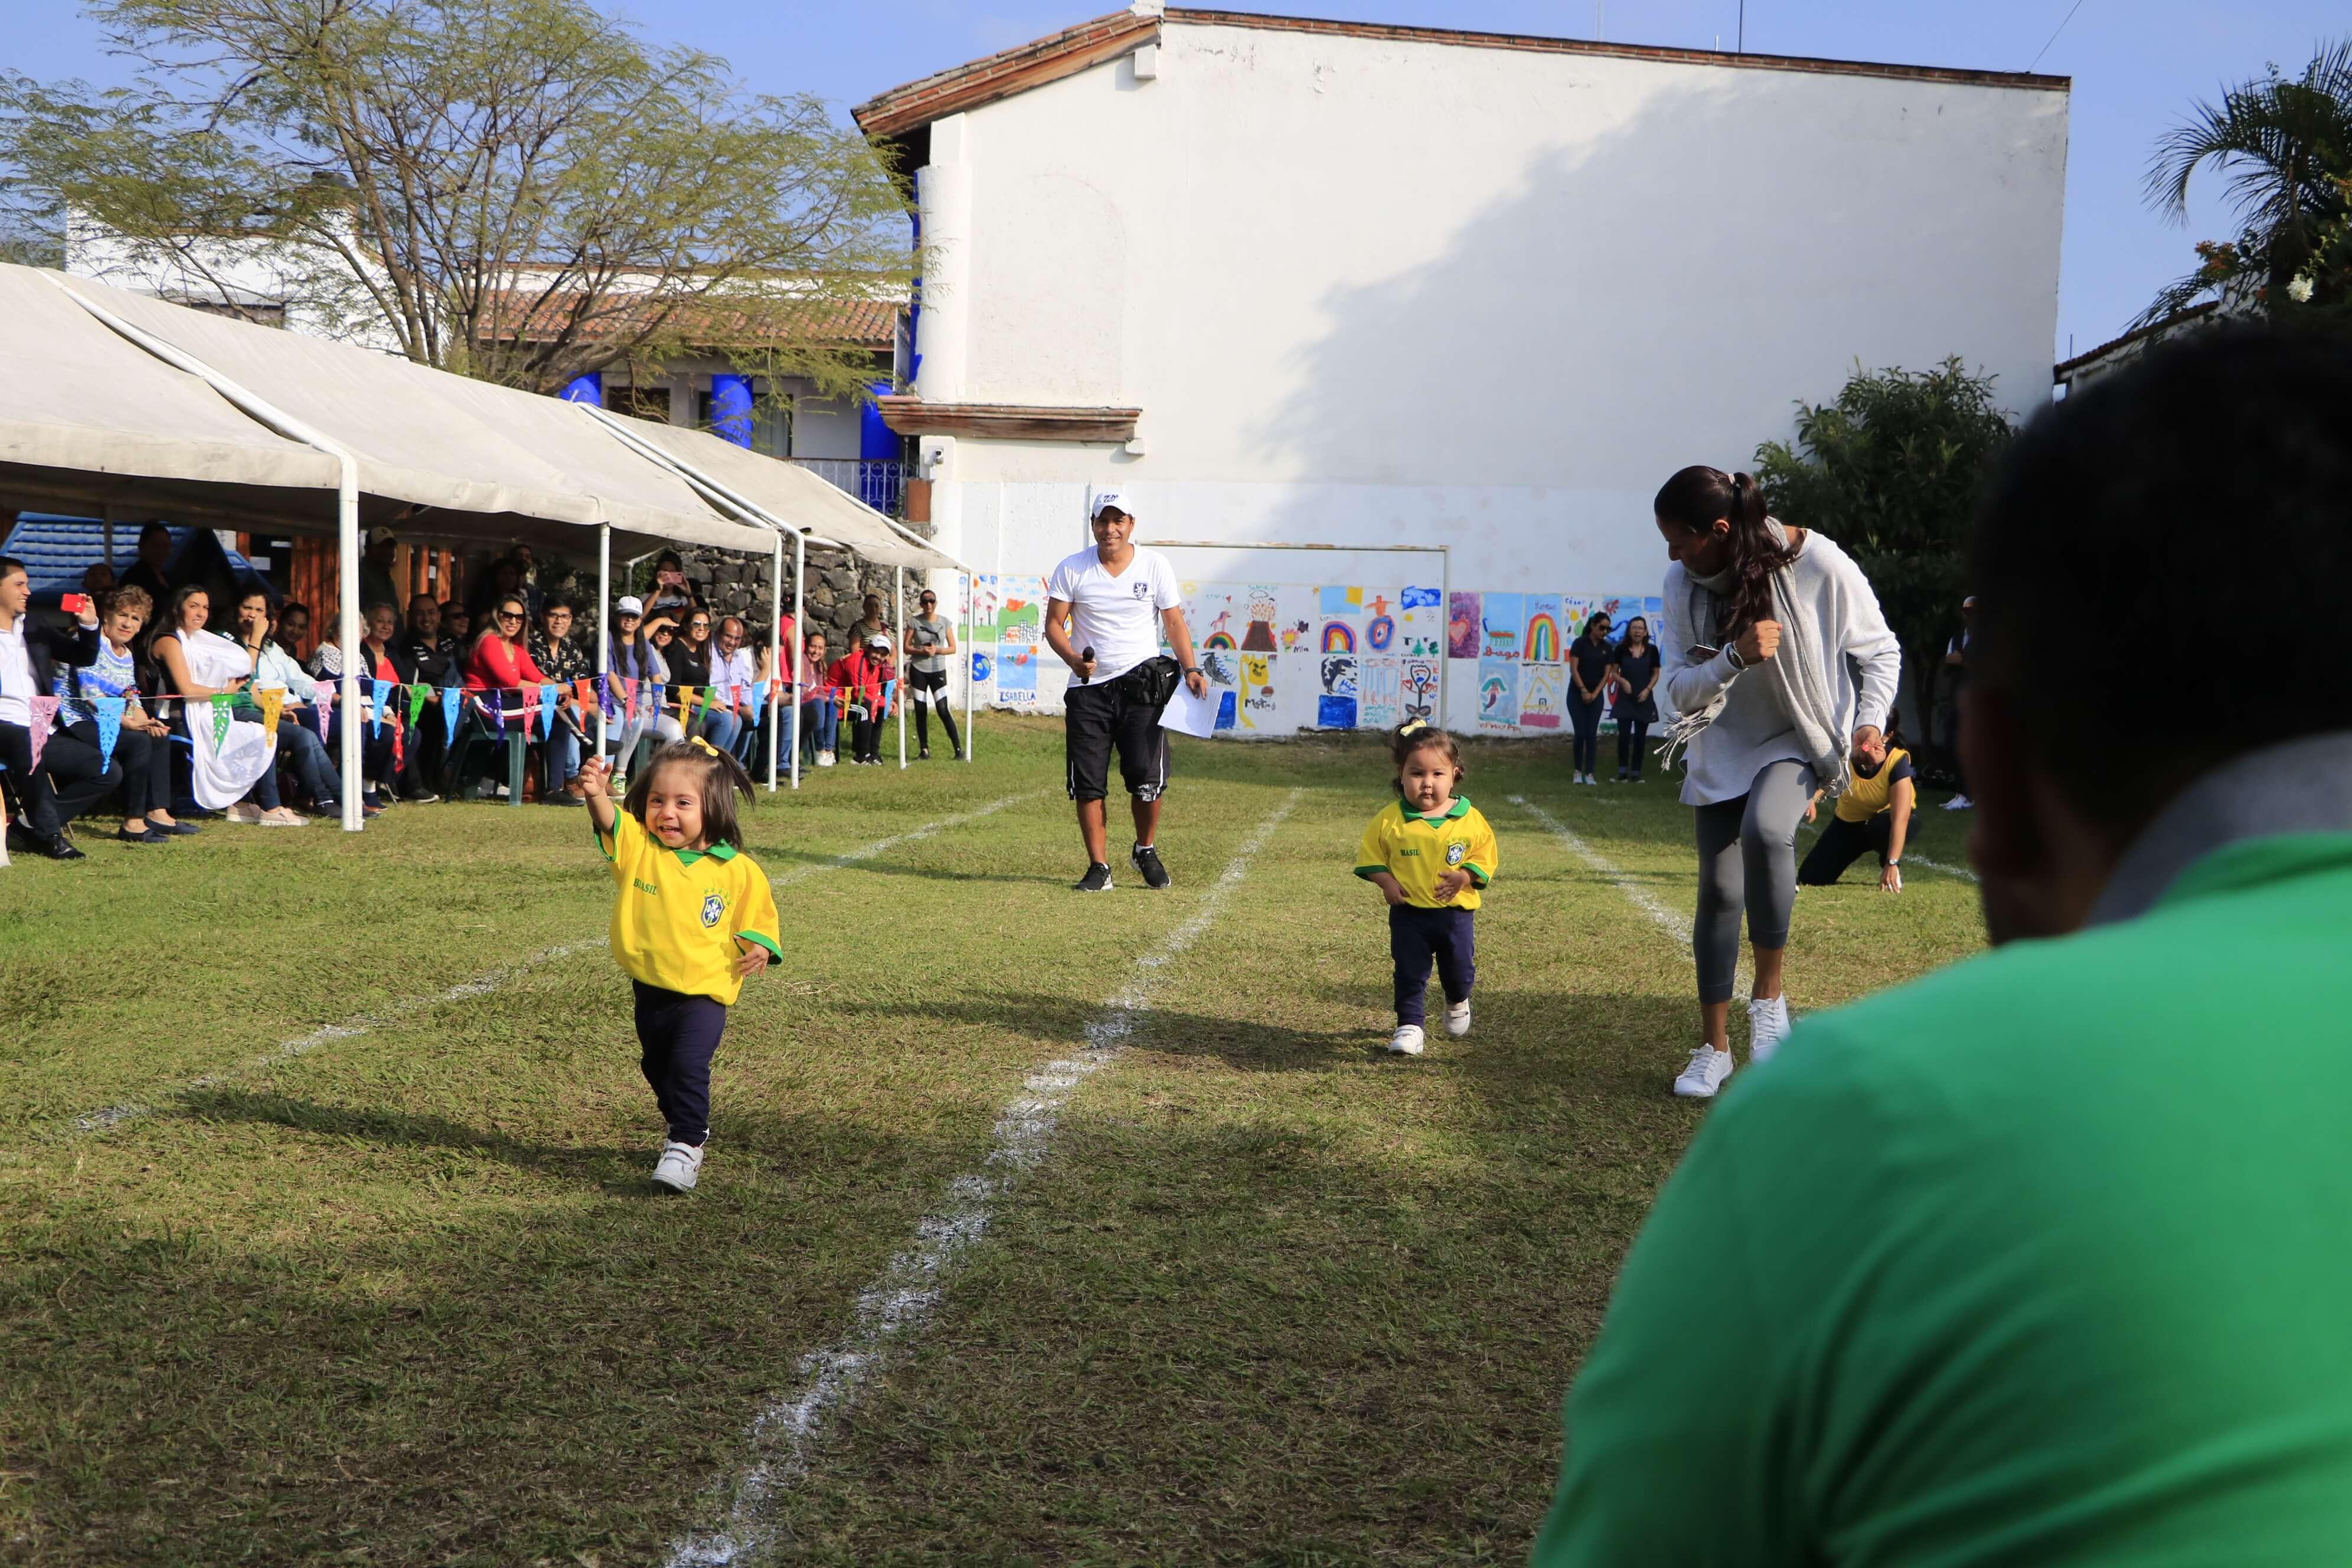 Blog-Imagen-como-funciona-bachillerato-internacional-preescolar-mayor-aprovechamiento-Colegio-Williams-Cuernavaca-Ago20-V1